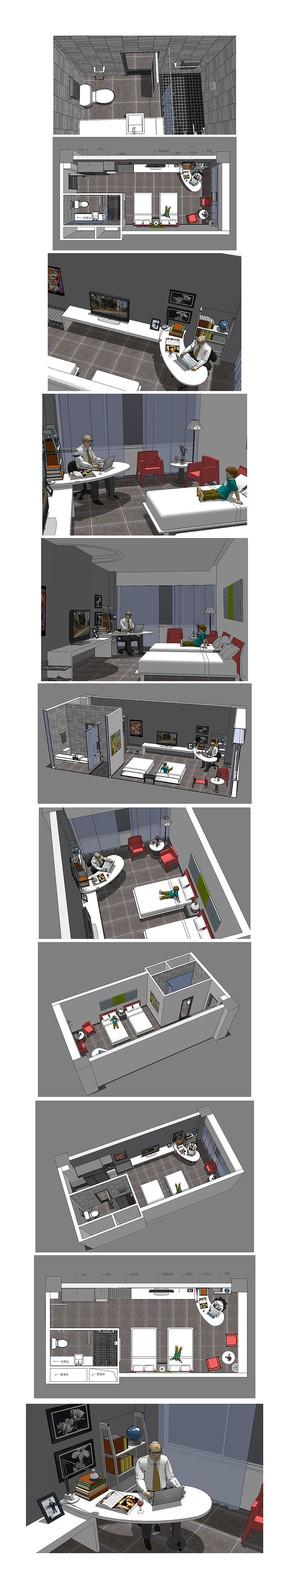 酒店房间的SU模型设计